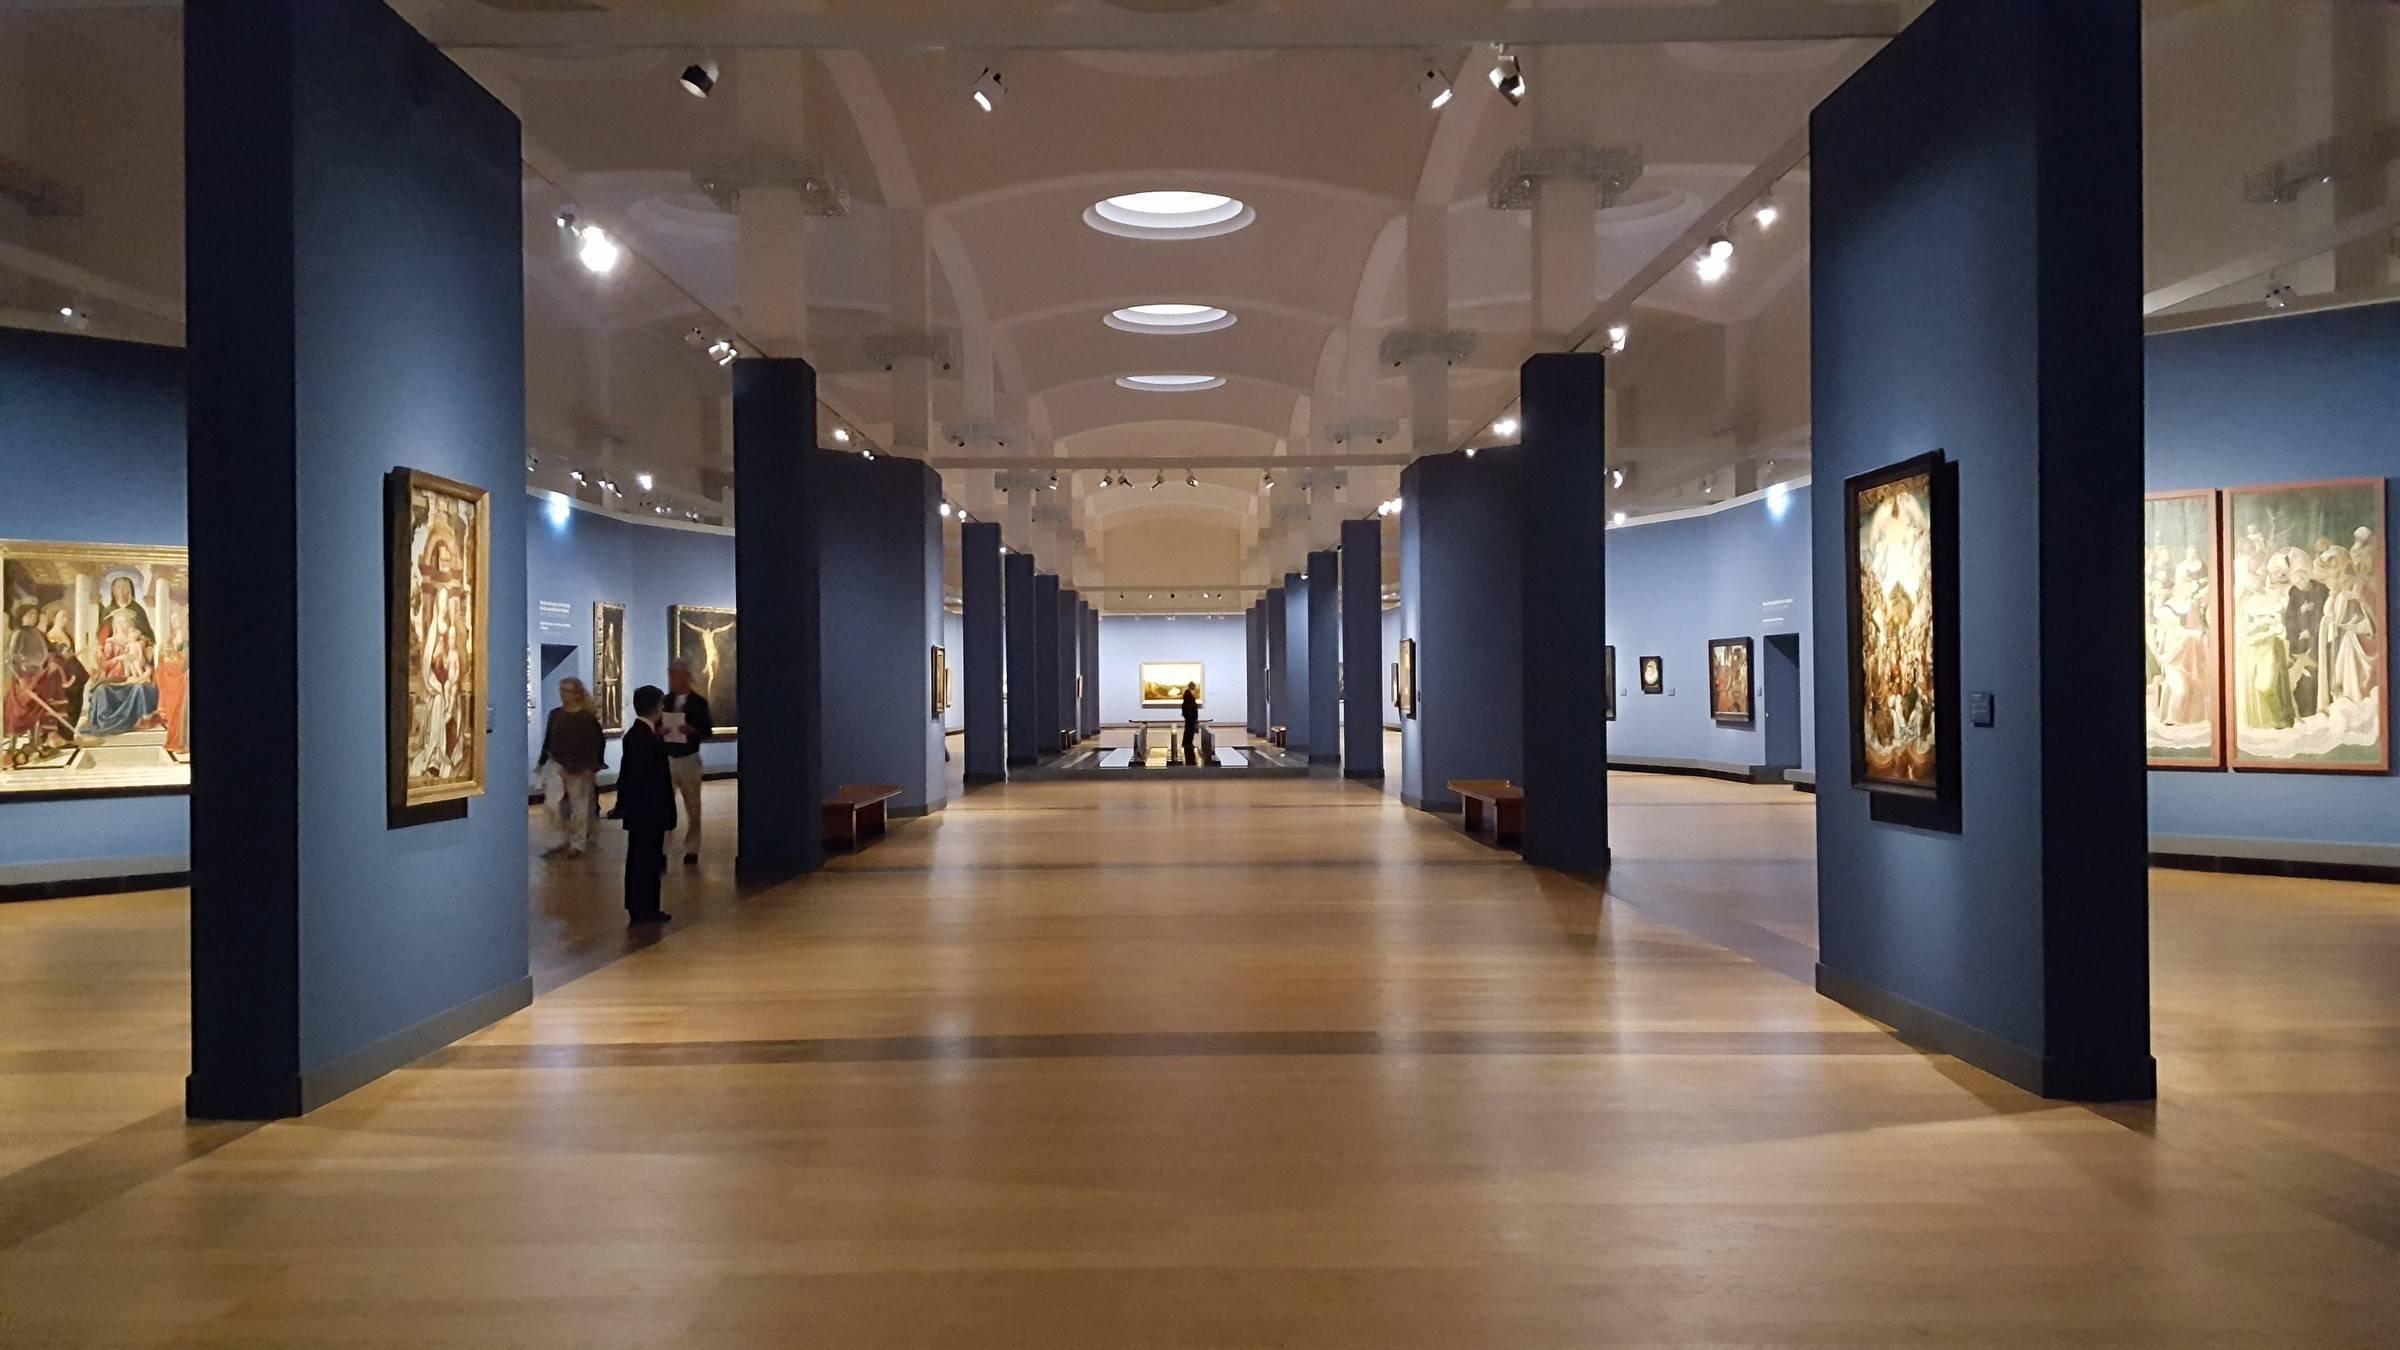 Музей прикладного искусства, берлин – коллекция, режим работы, цена билета, как добраться, отели рядом на туристер.ру